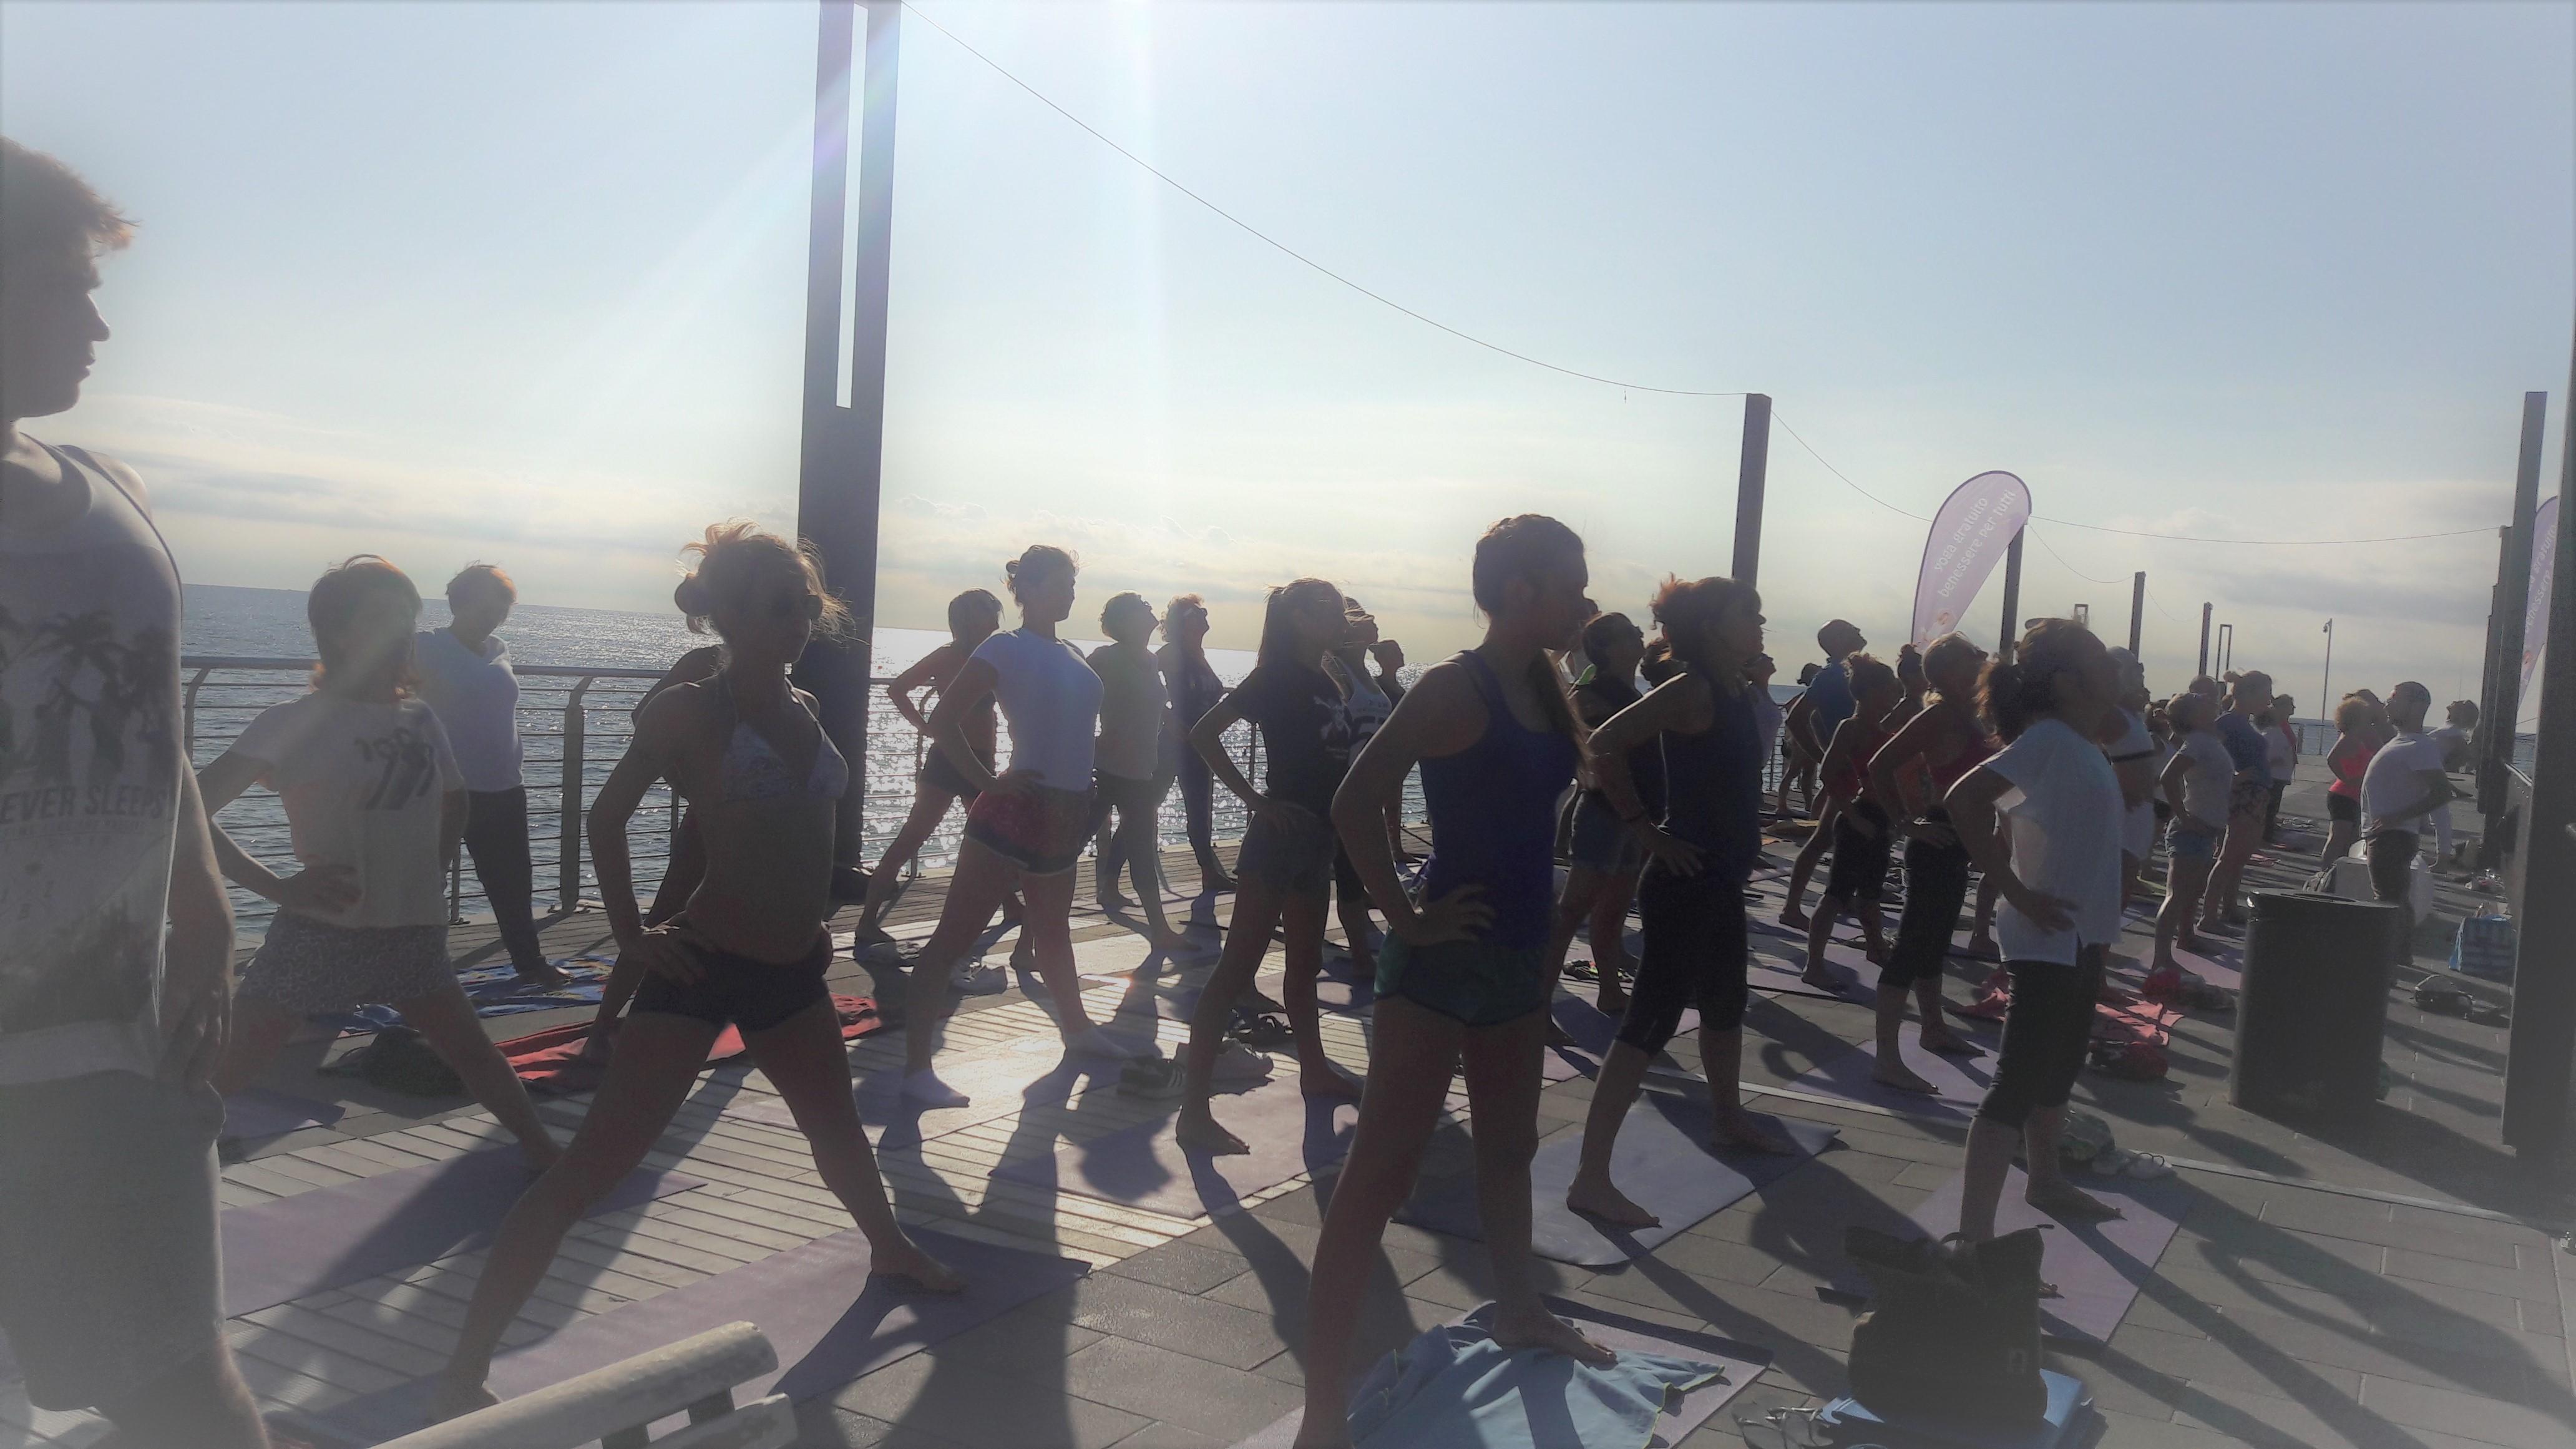 essere-free-yoga-gratuito-benessere-per-tutti-village-citta-alassio-estate-lucia-ragazzi-summer-town-wellness-60